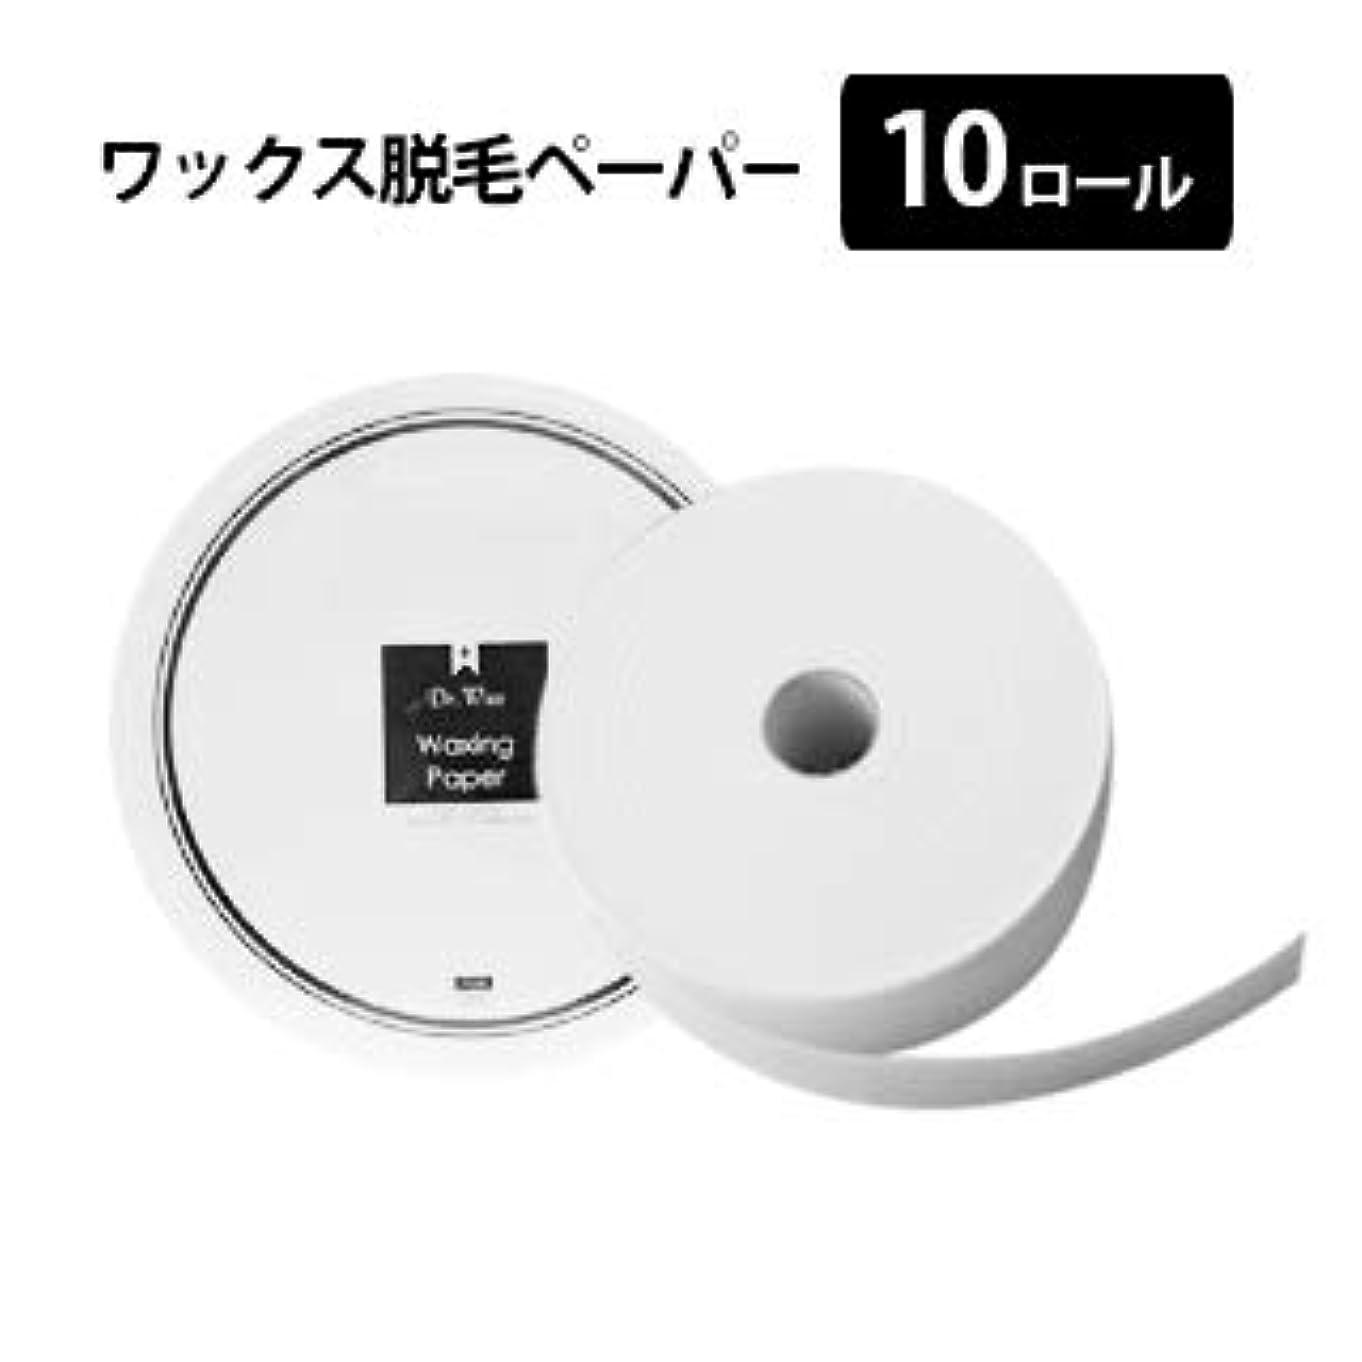 連結する無傷蛾【10ロール】ワックスロールペーパー 7cm スパンレース素材